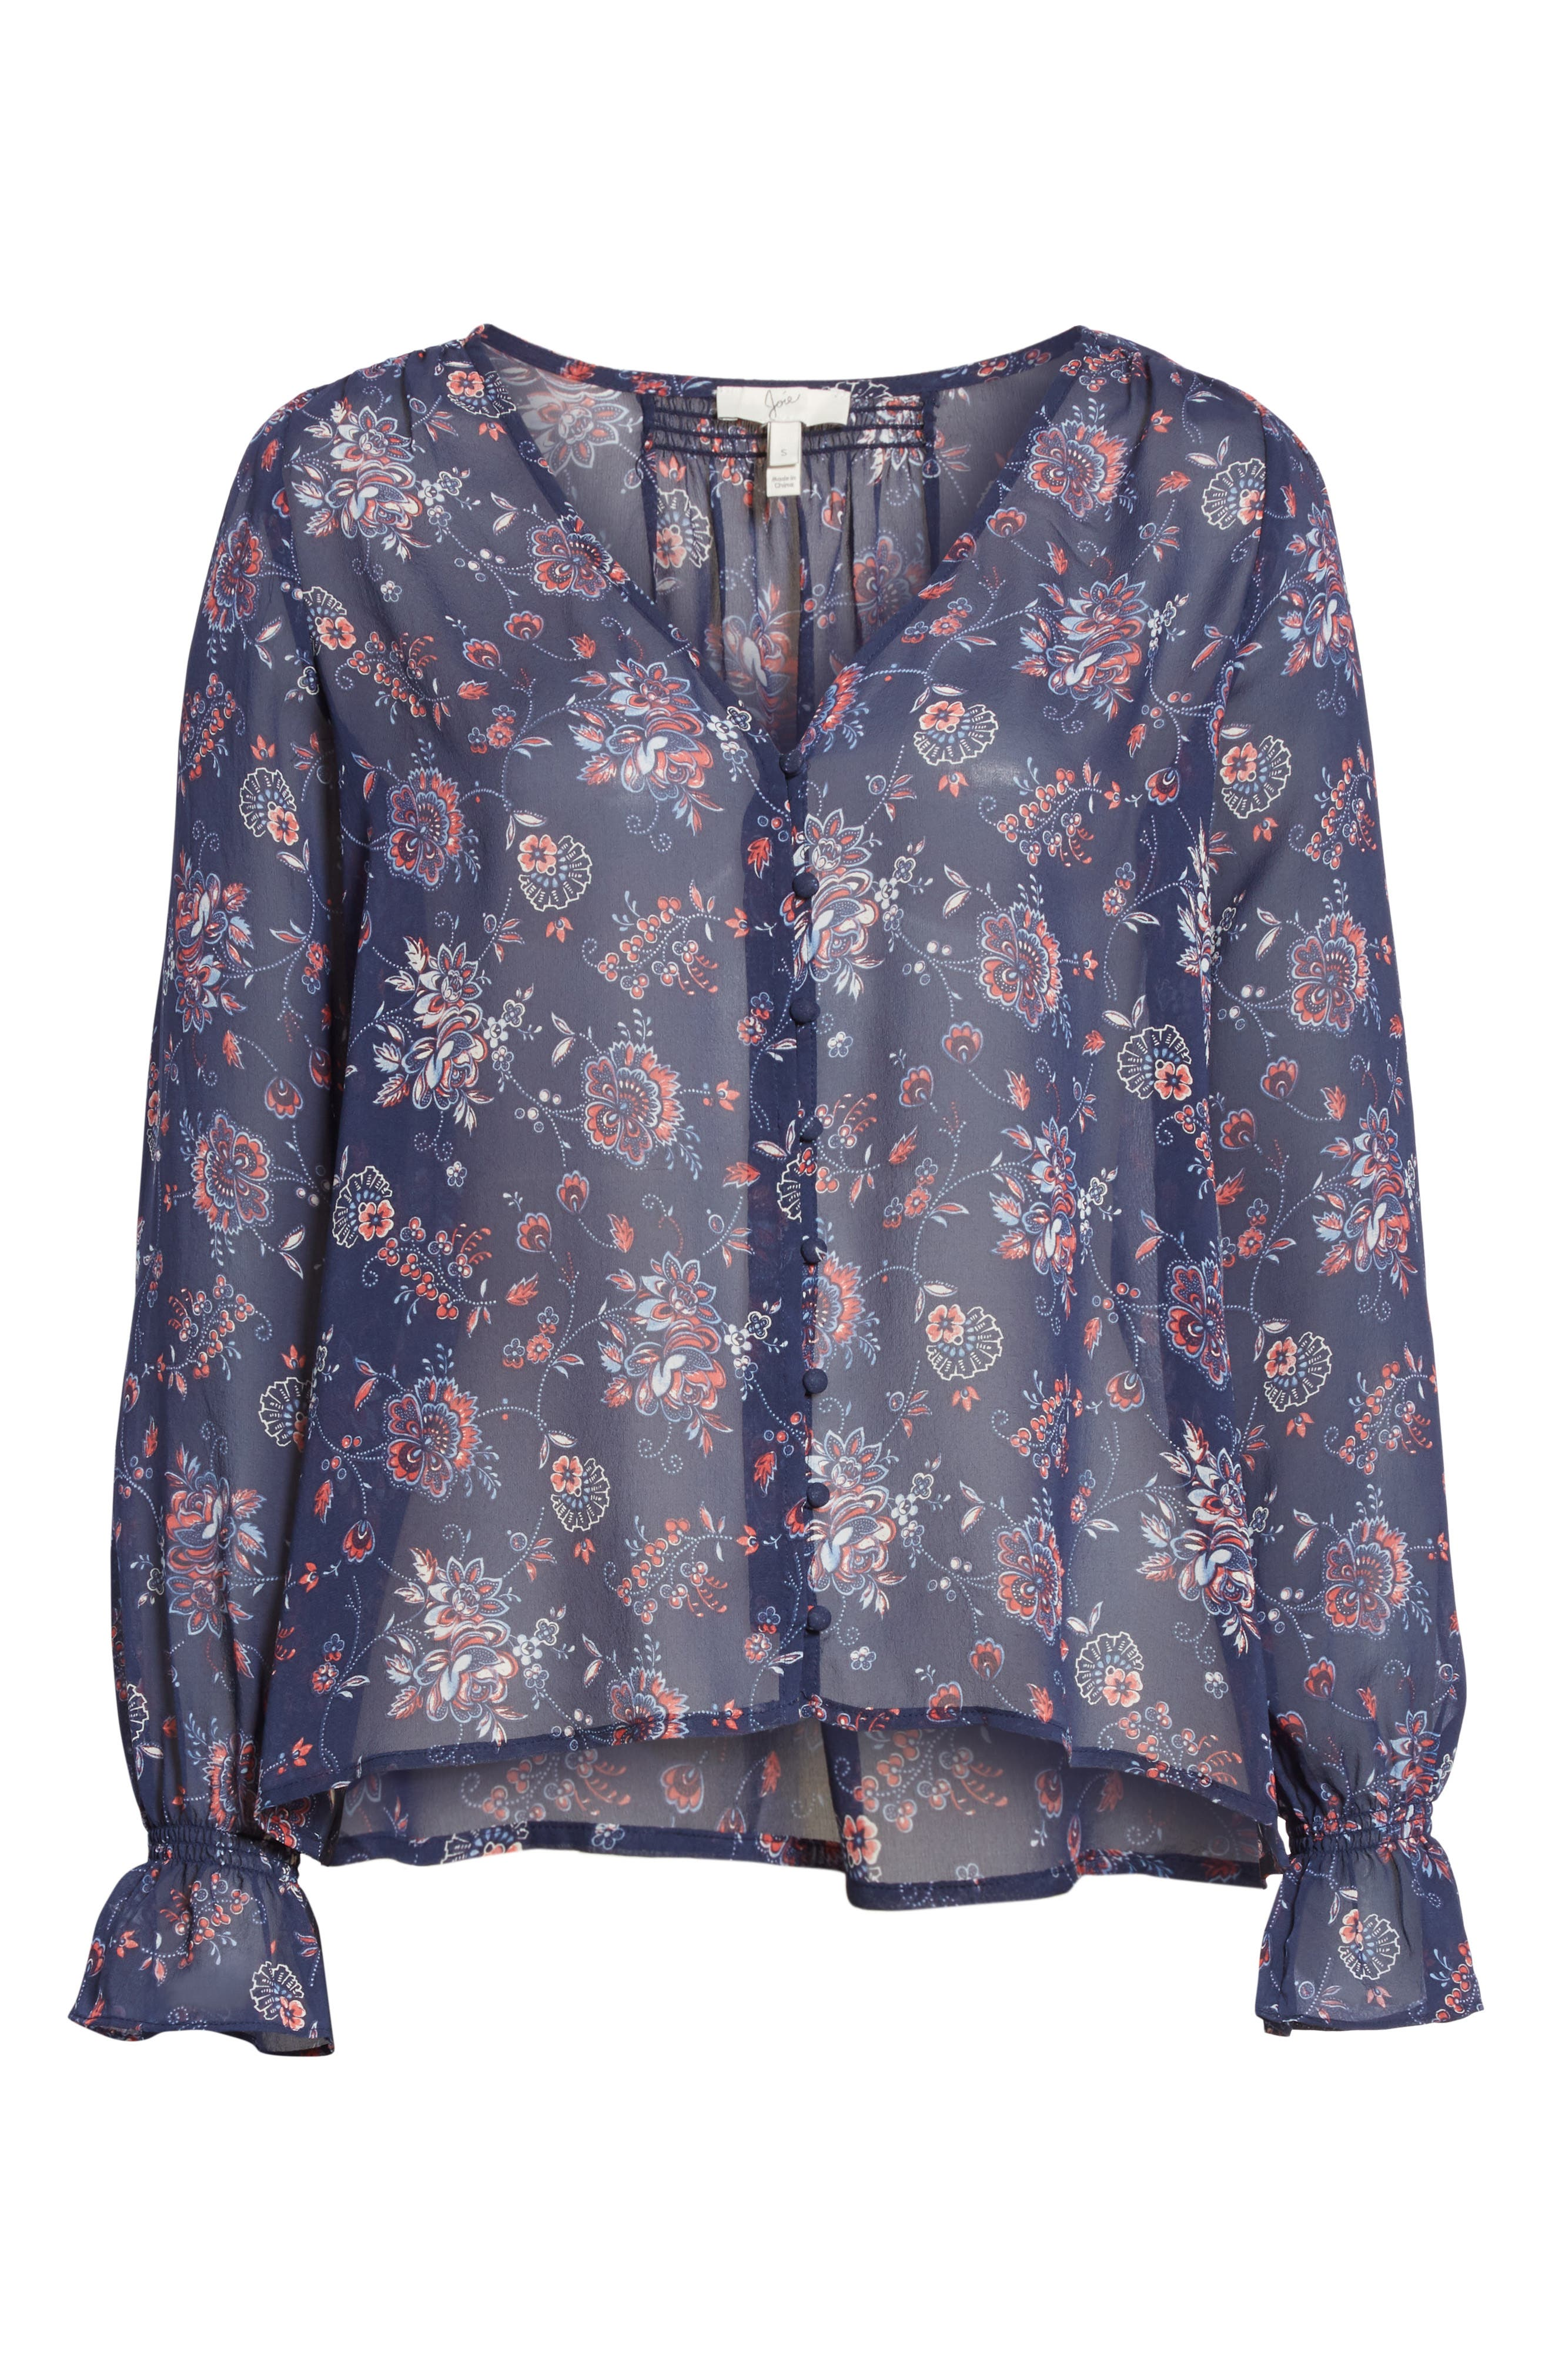 Bolona Floral Silk Blouse,                             Alternate thumbnail 6, color,                             418